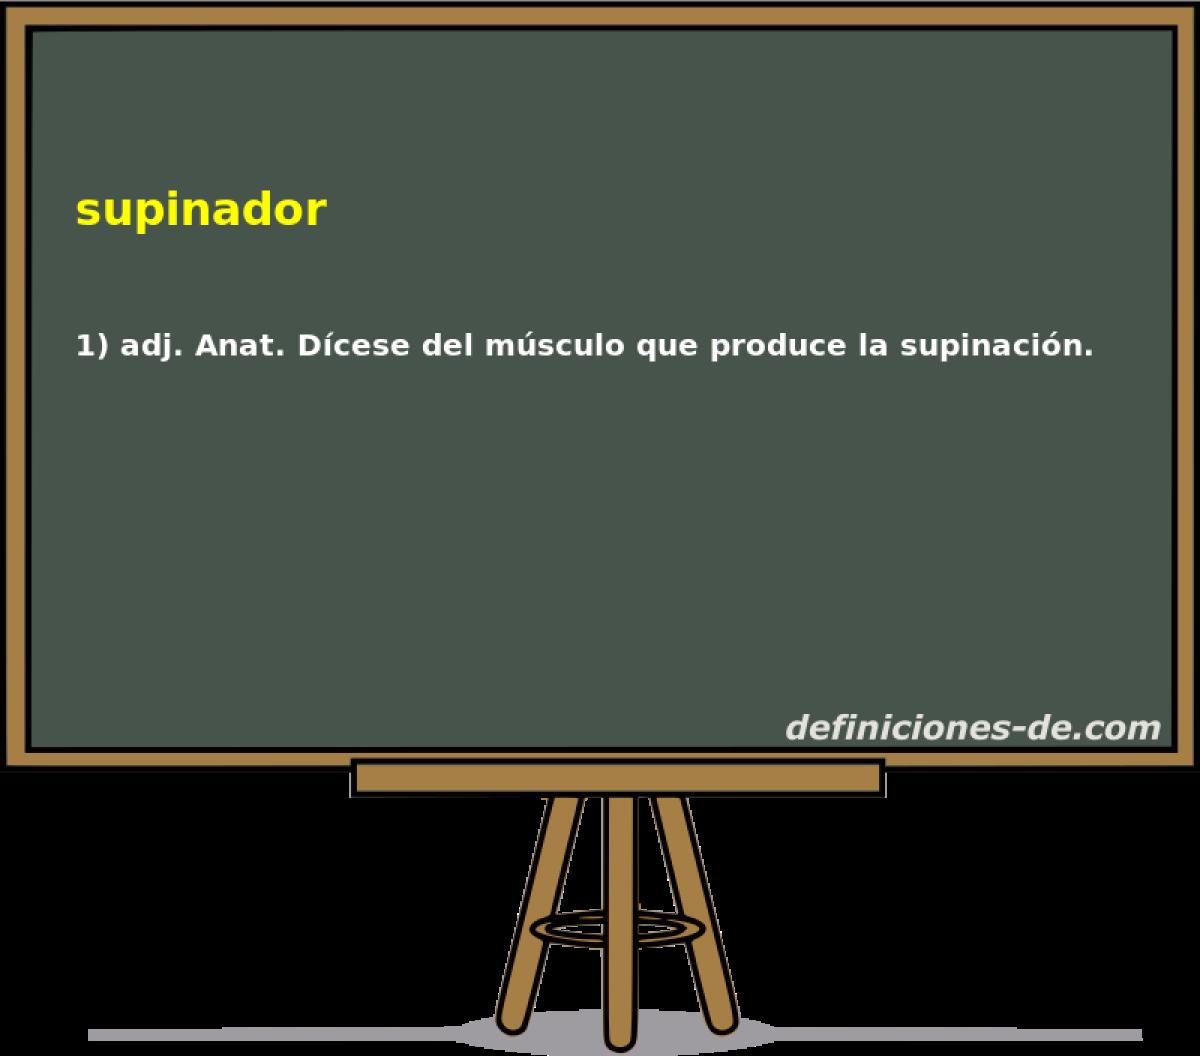 Qué significa Supinador?